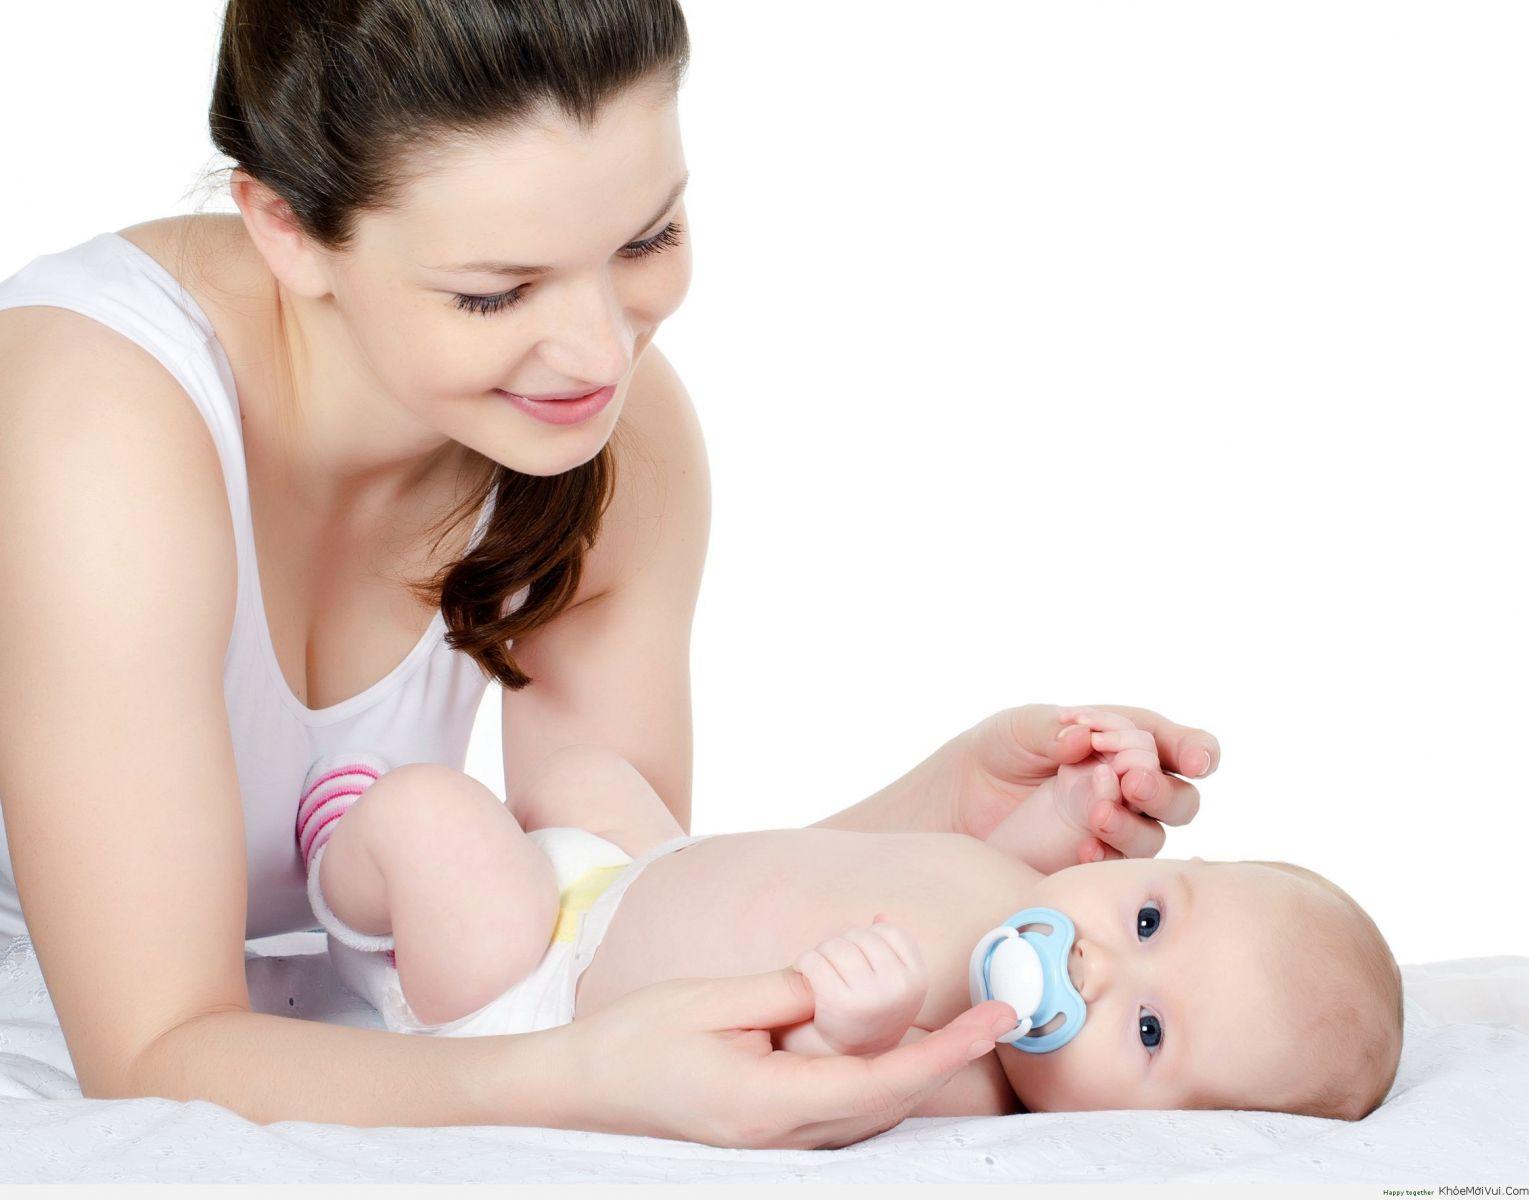 Lần đầu làm mẹ: Dầu tràm và những điều mẹ cần lưu ý - Ảnh 1